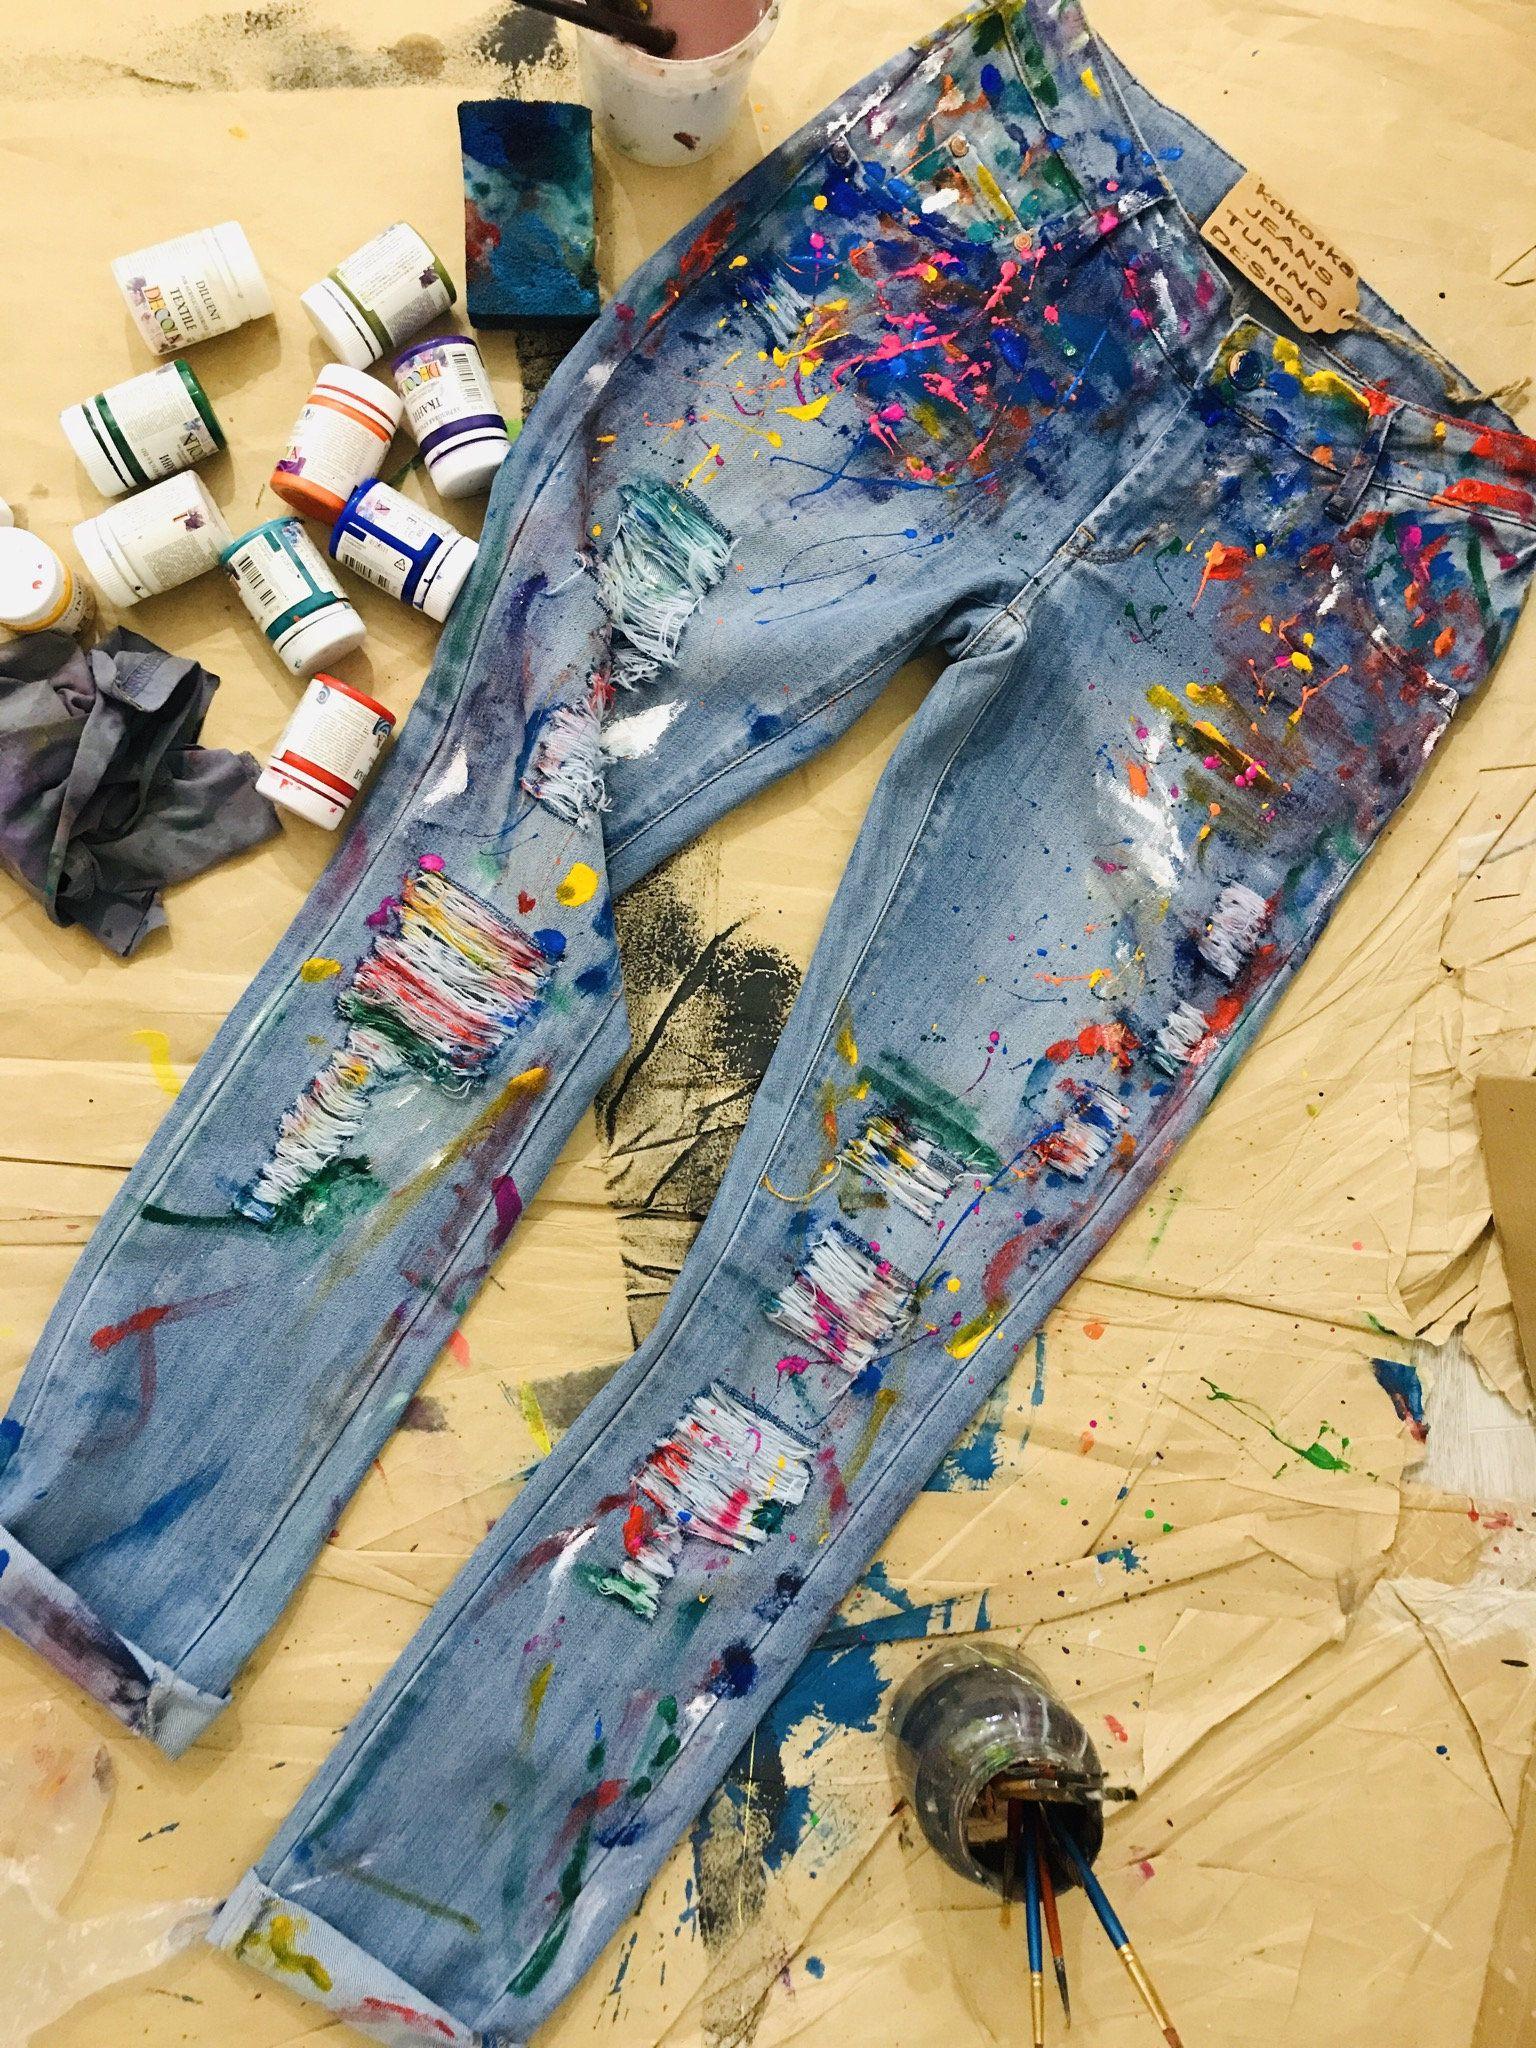 Paint Splatter Jeans Spray Paint Clothing Blots Jeans Spray Paint Paint Splatter Jeans Festival Clothing Boh In 2020 Paint Splatter Jeans Painted Clothes Painted Jeans [ 2048 x 1536 Pixel ]